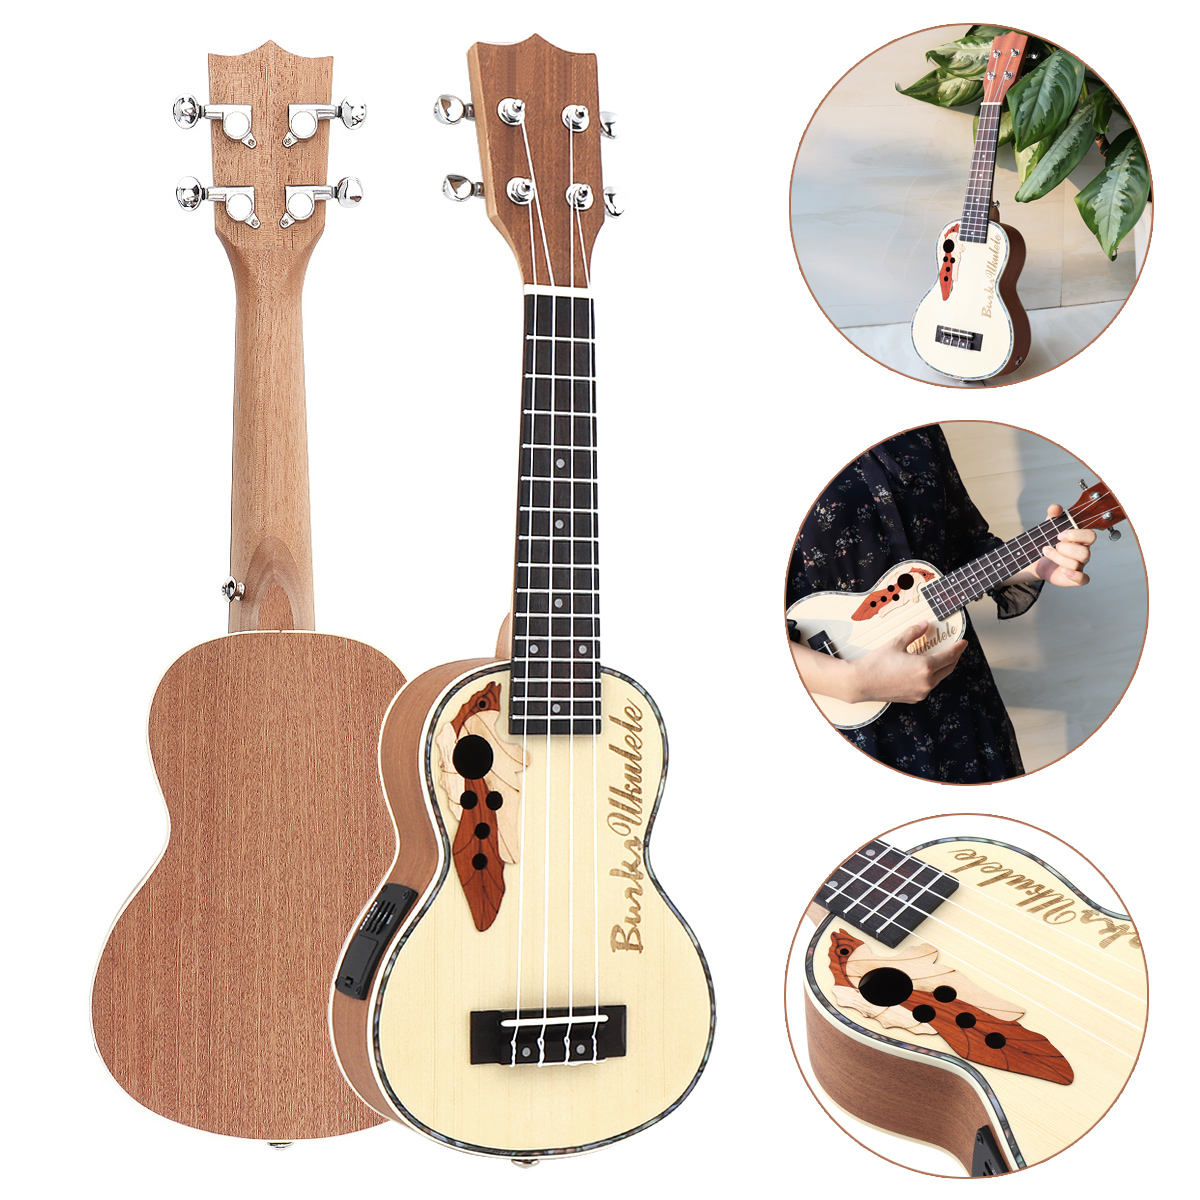 21 pouces épicéa EQ Soprano Ukelele 15 frettes électroacoustique 4 cordes guitare avec micro égaliseur intégré